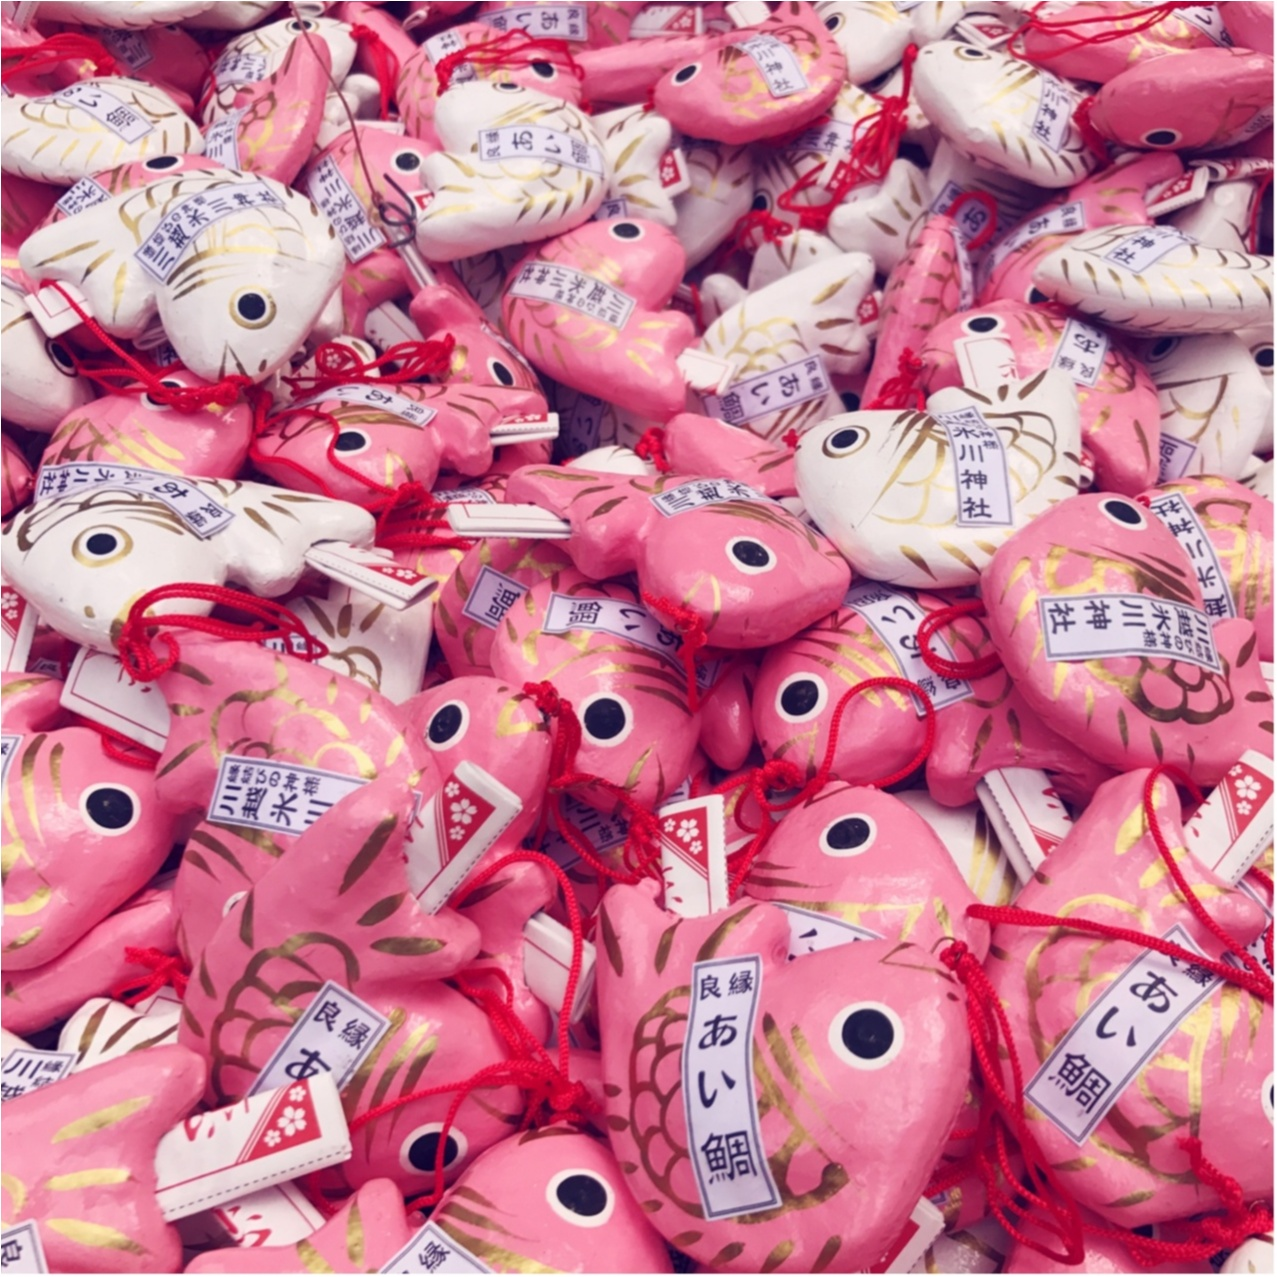 神楽坂でインスタ映え!!『ケイト・スペード』のスペシャルコース、大阪のお肌も心も潤うアフタヌーンティー記事が人気♡ 今週の「ご当地モア」人気ランキングトップ5!_1_1